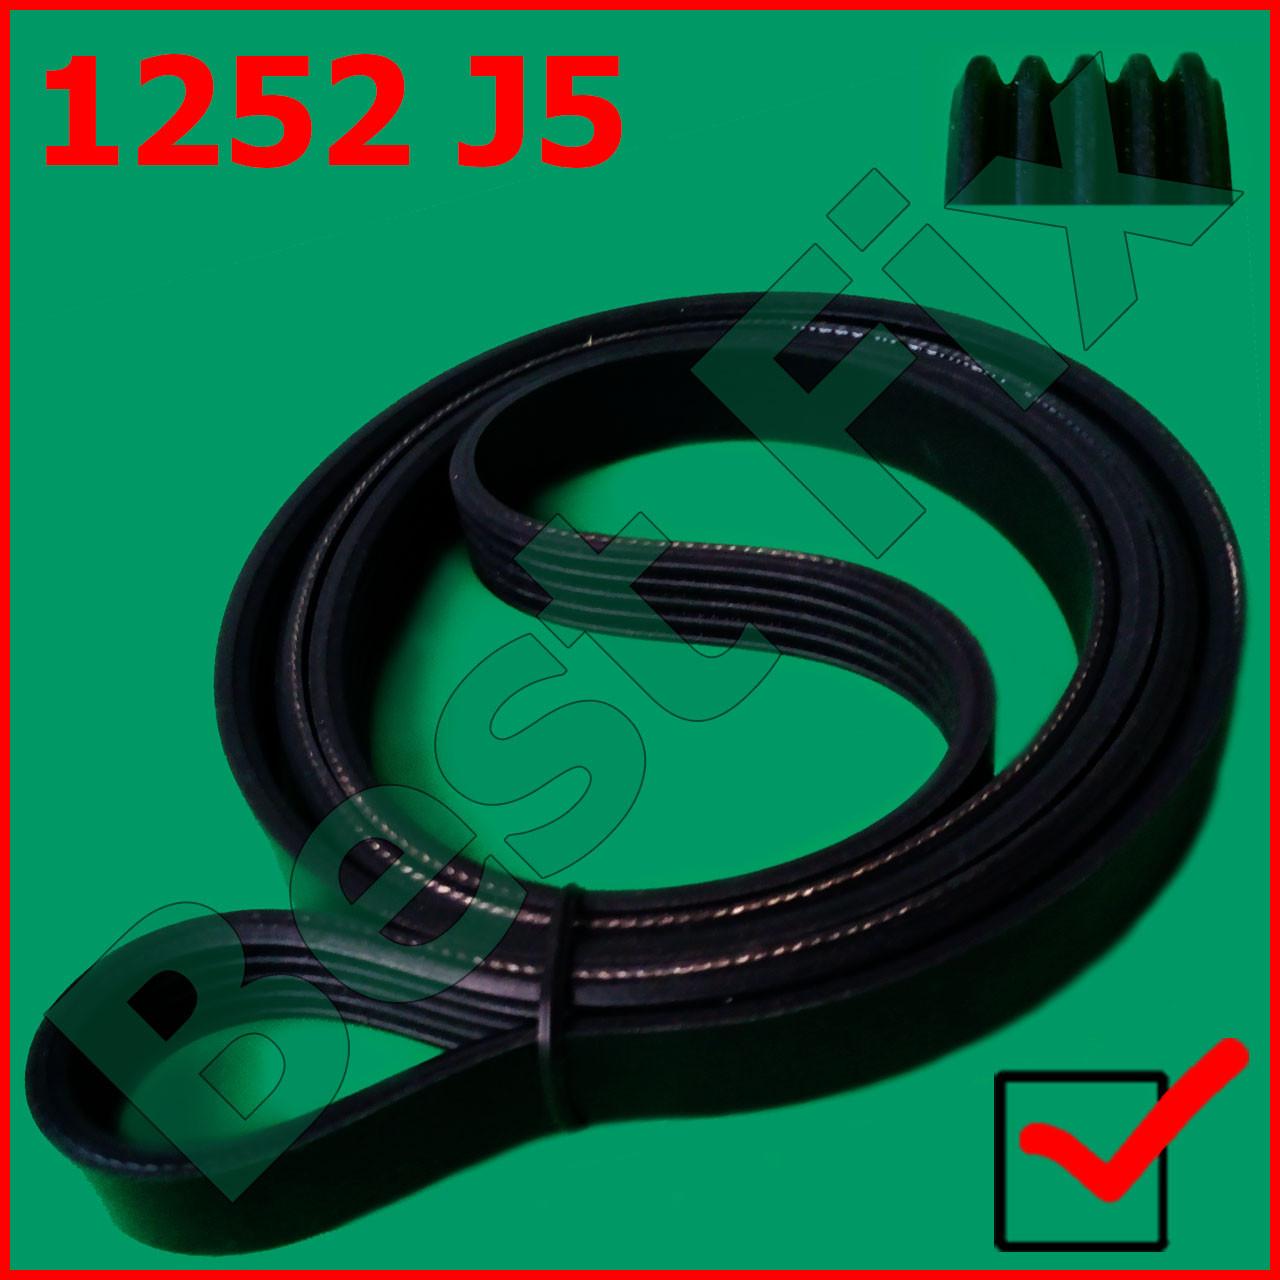 Ремень 1252 J5 Optibelt-RB черный